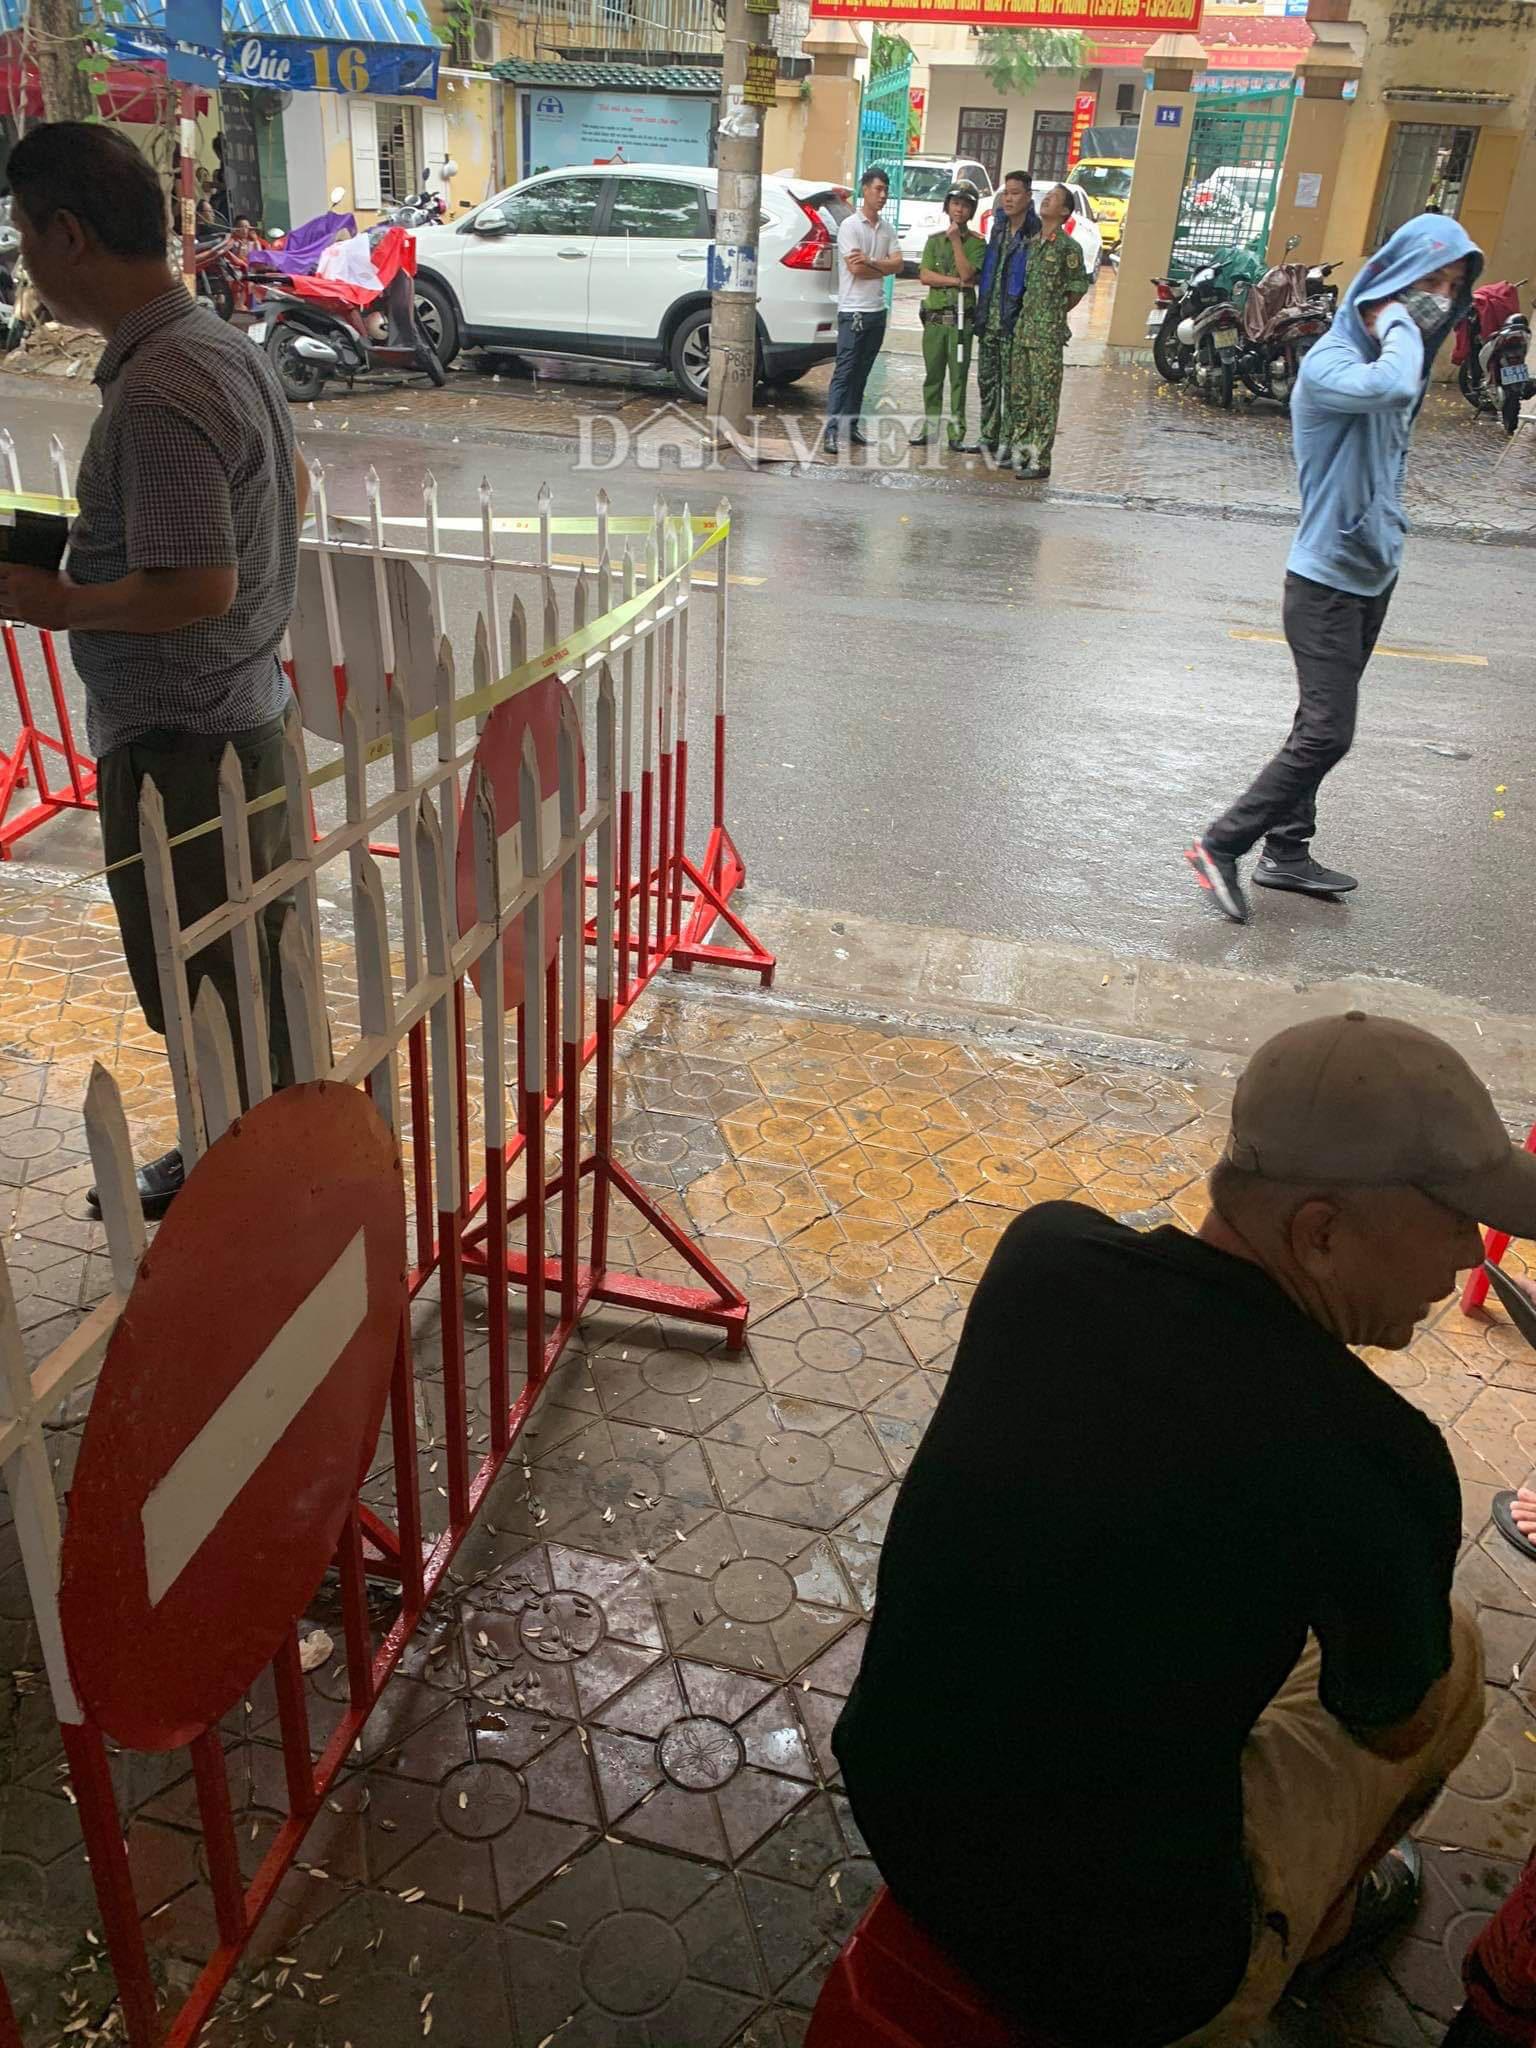 Hải Phòng: Nổ súng ở đường Phan Bội Châu - Ảnh 1.